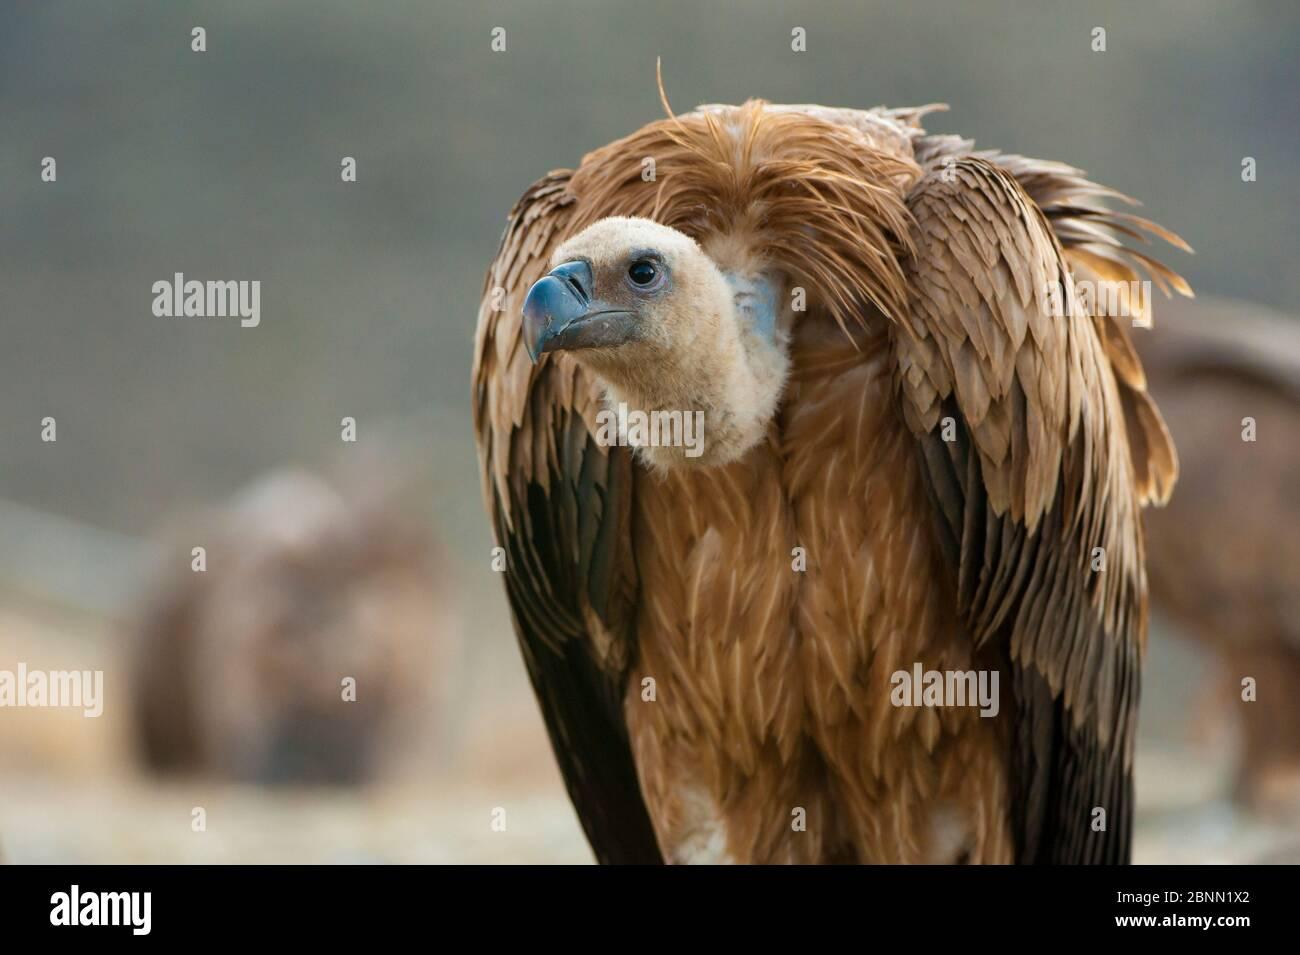 Griffon vautour (Gyps fulvus), Pyrénées, Espagne. Banque D'Images